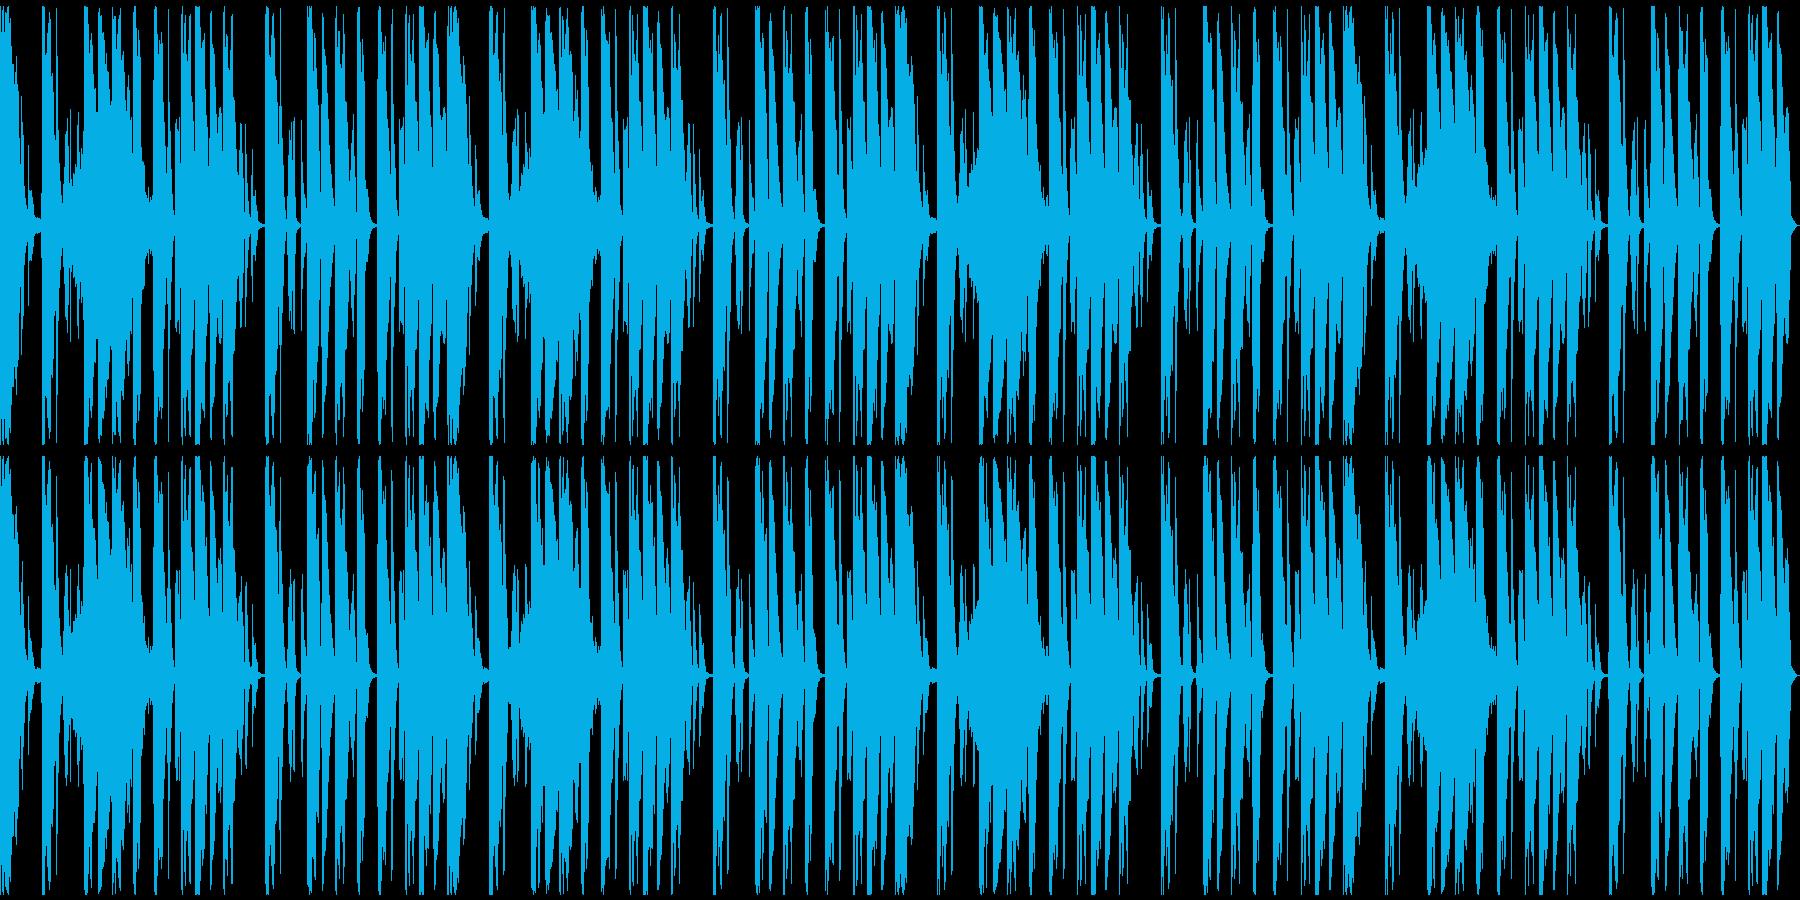 【ミステリアス】ロング1、ミディアム1の再生済みの波形